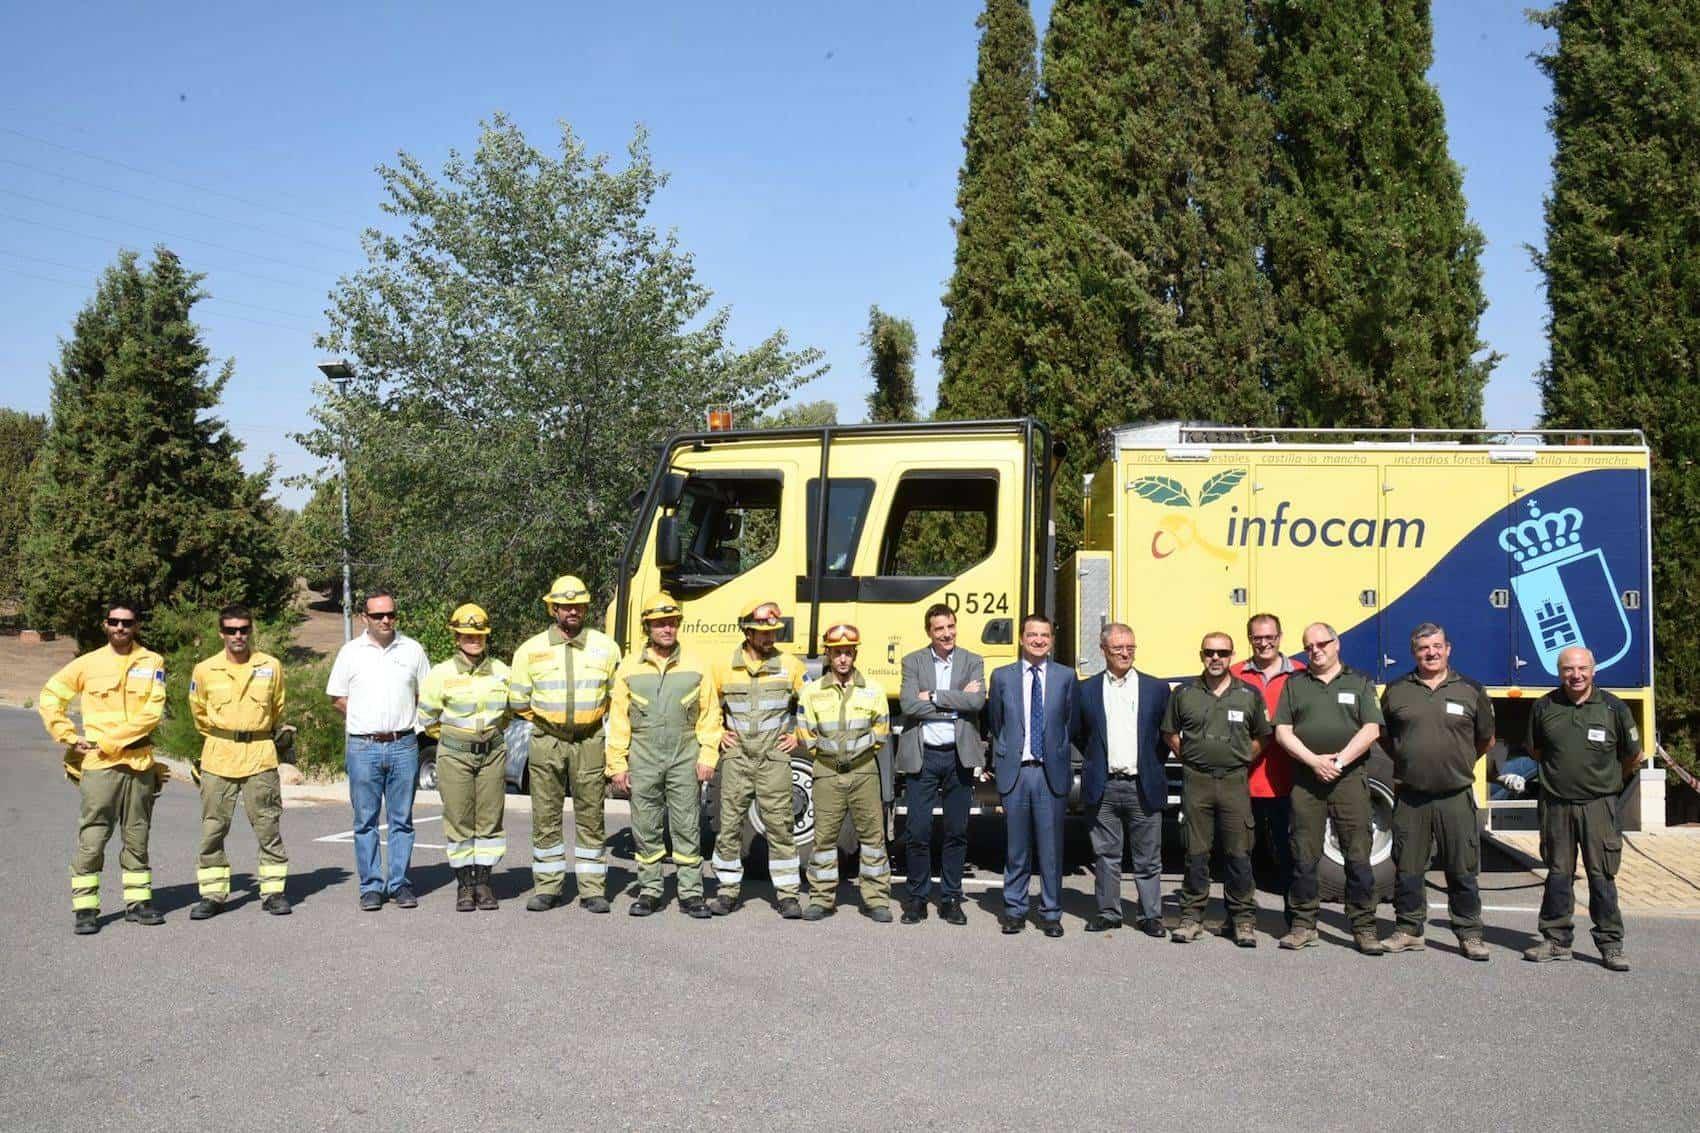 operativo contra incendios clm - Más de 3.000 personas participan en la campaña contra incendios en Castilla-La Mancha